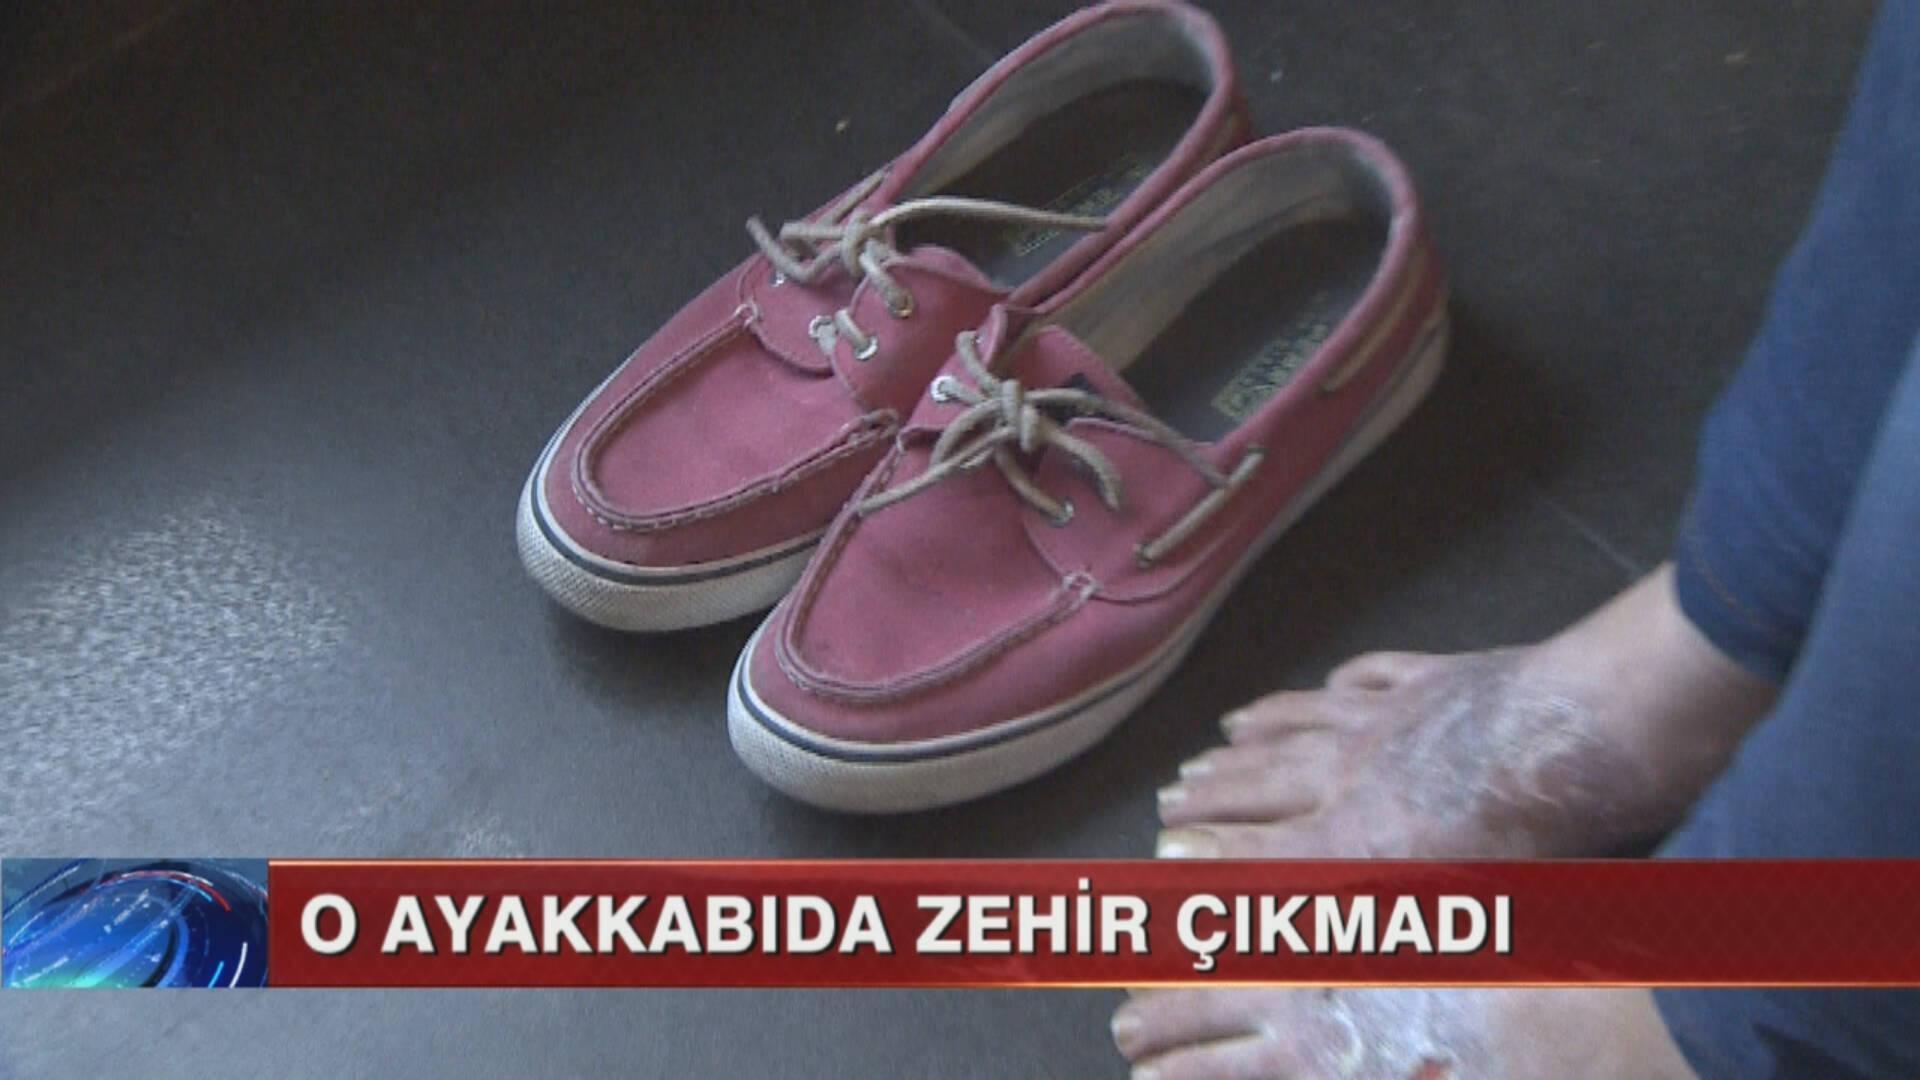 Zehirli ayakkabıların markası belli oldu!